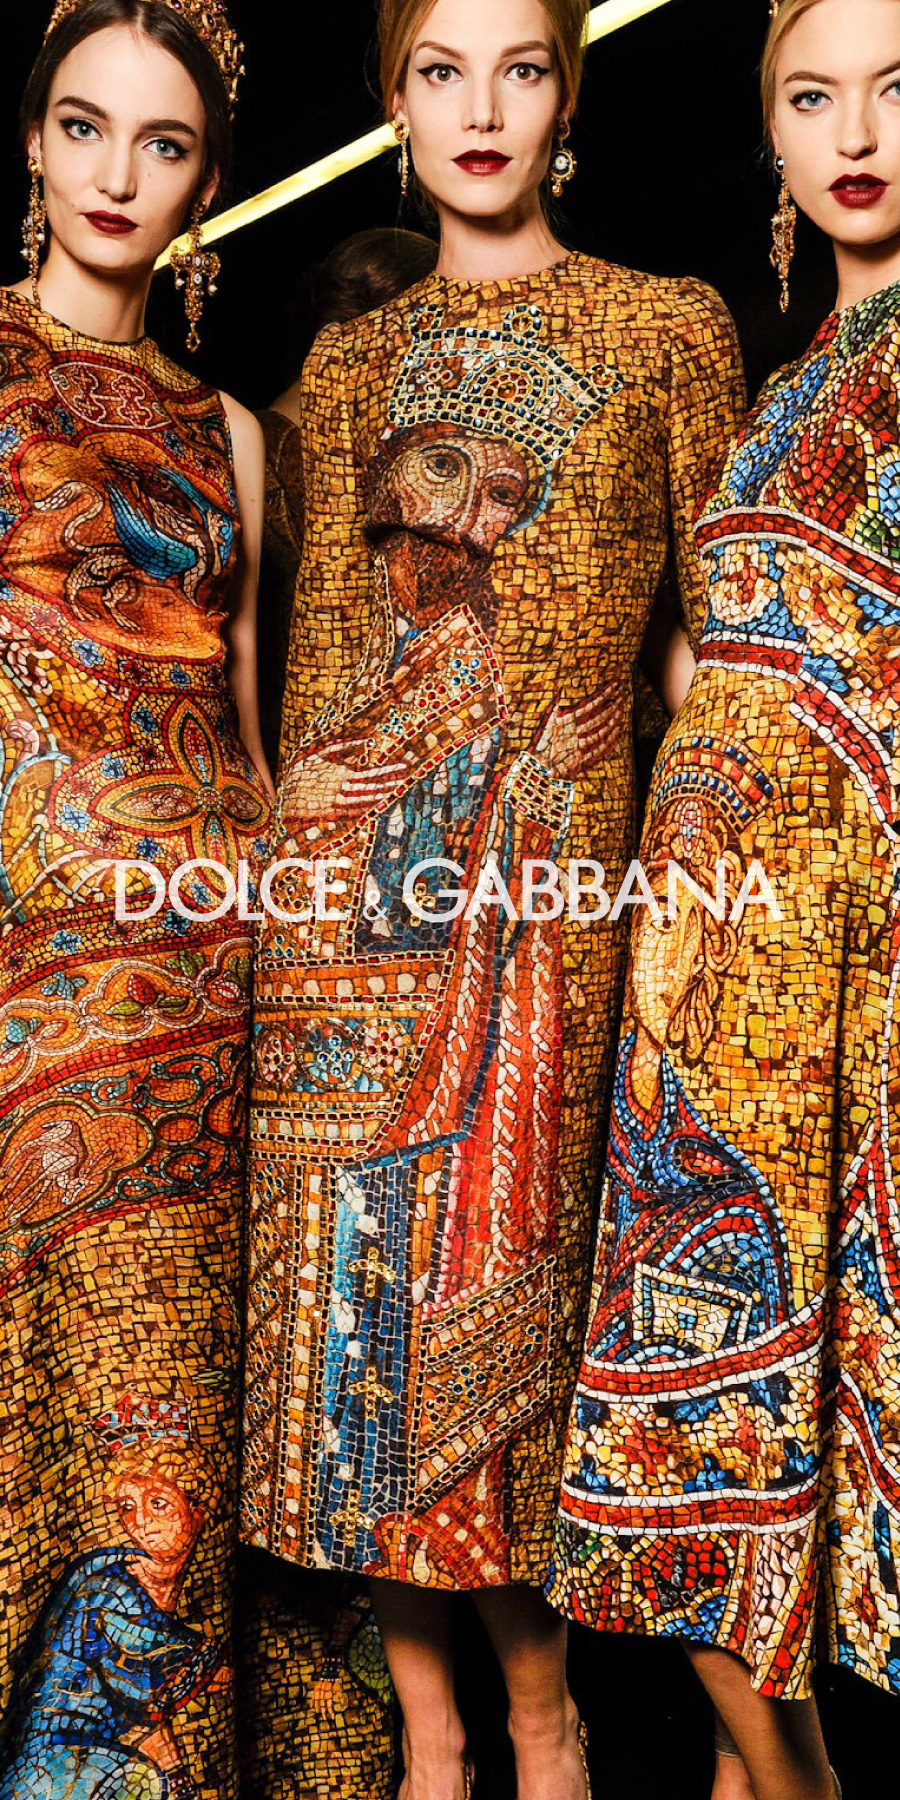 DOLCE&GABBANA(ドルチェ&ガッパーナ)